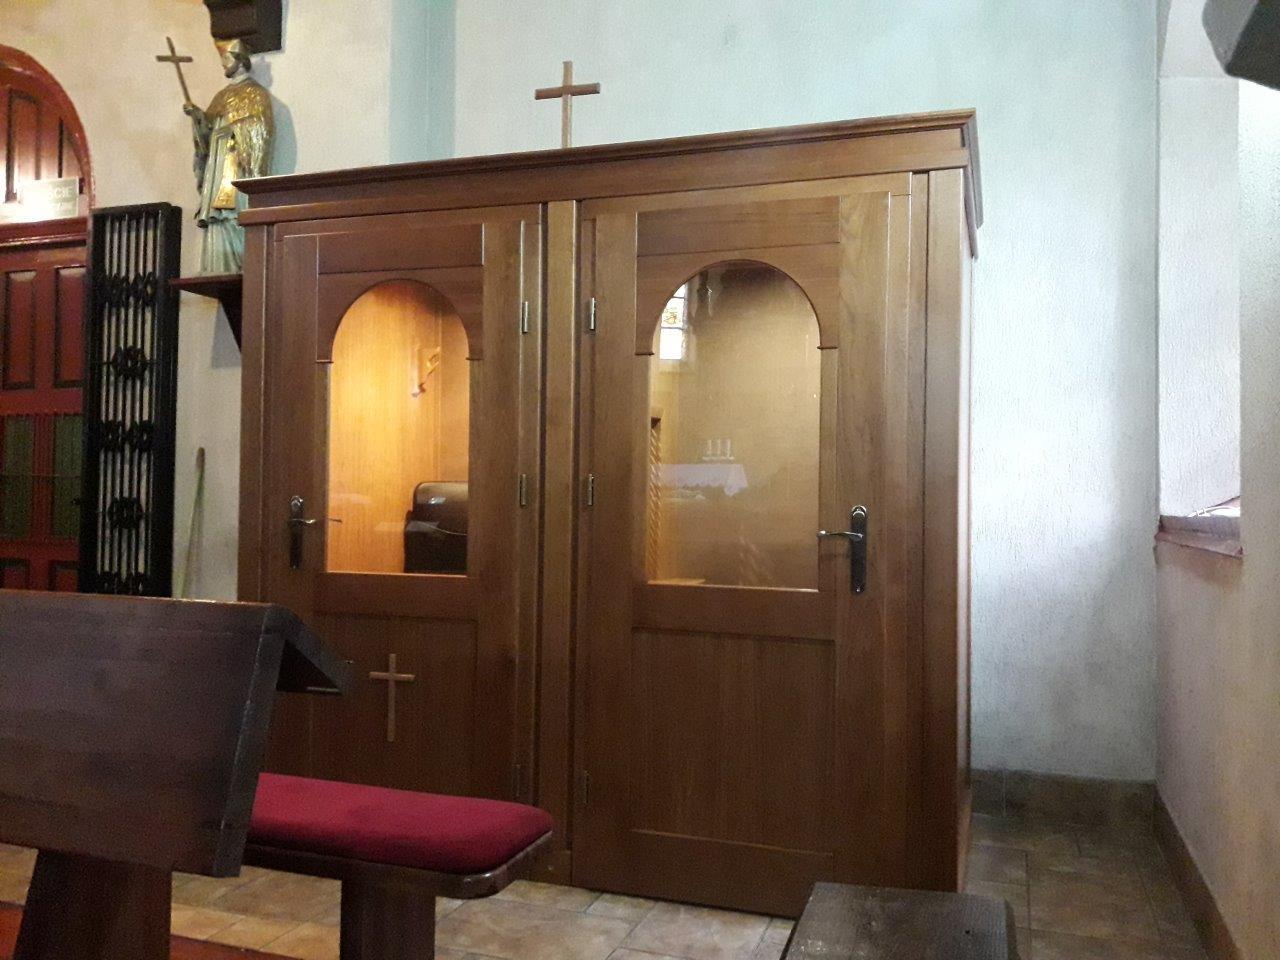 Wyciszany konfesjonał w kościele św. Jakuba w Szwecji.